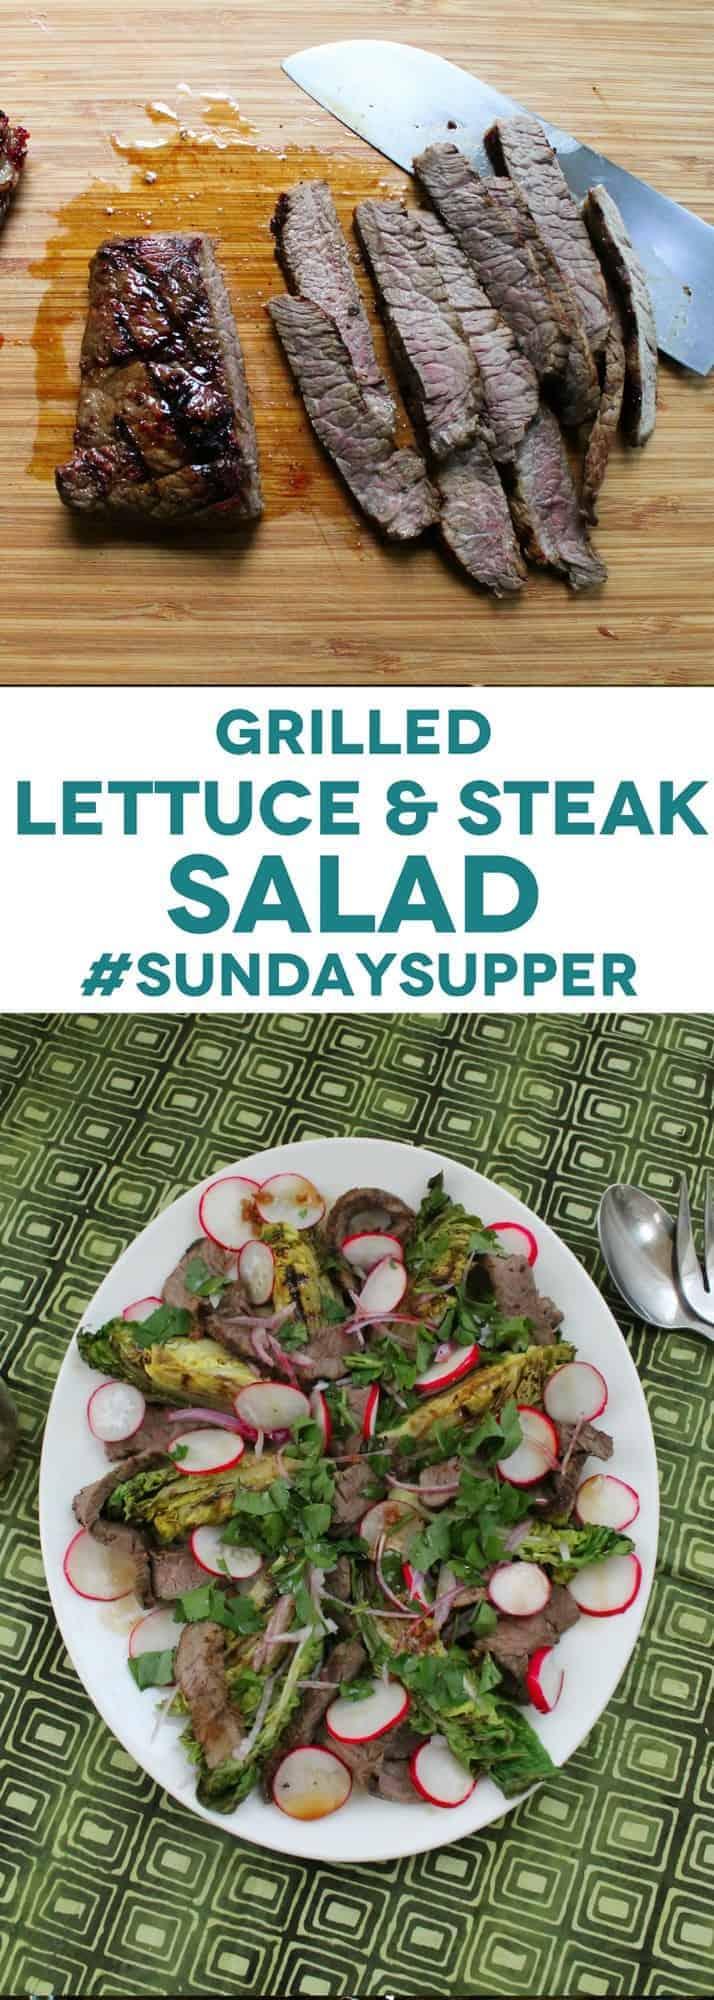 grilled lettuce and steak salad